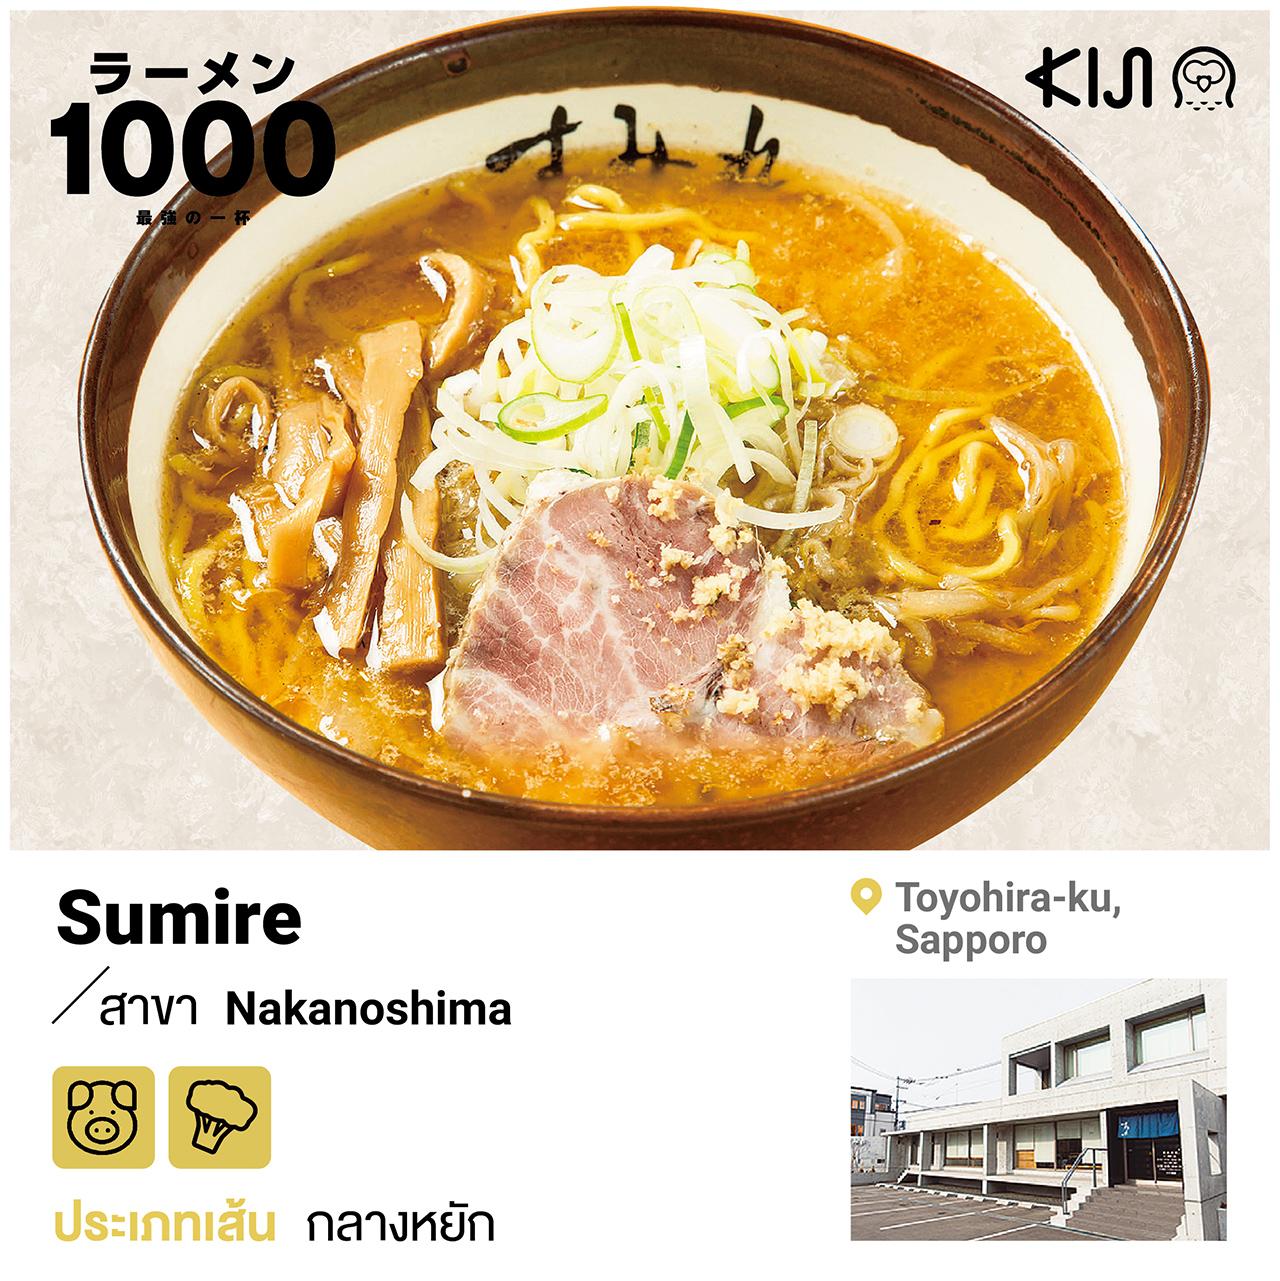 ร้านราเมนในฮอกไกโด - Sumire สาขา Nakanoshima